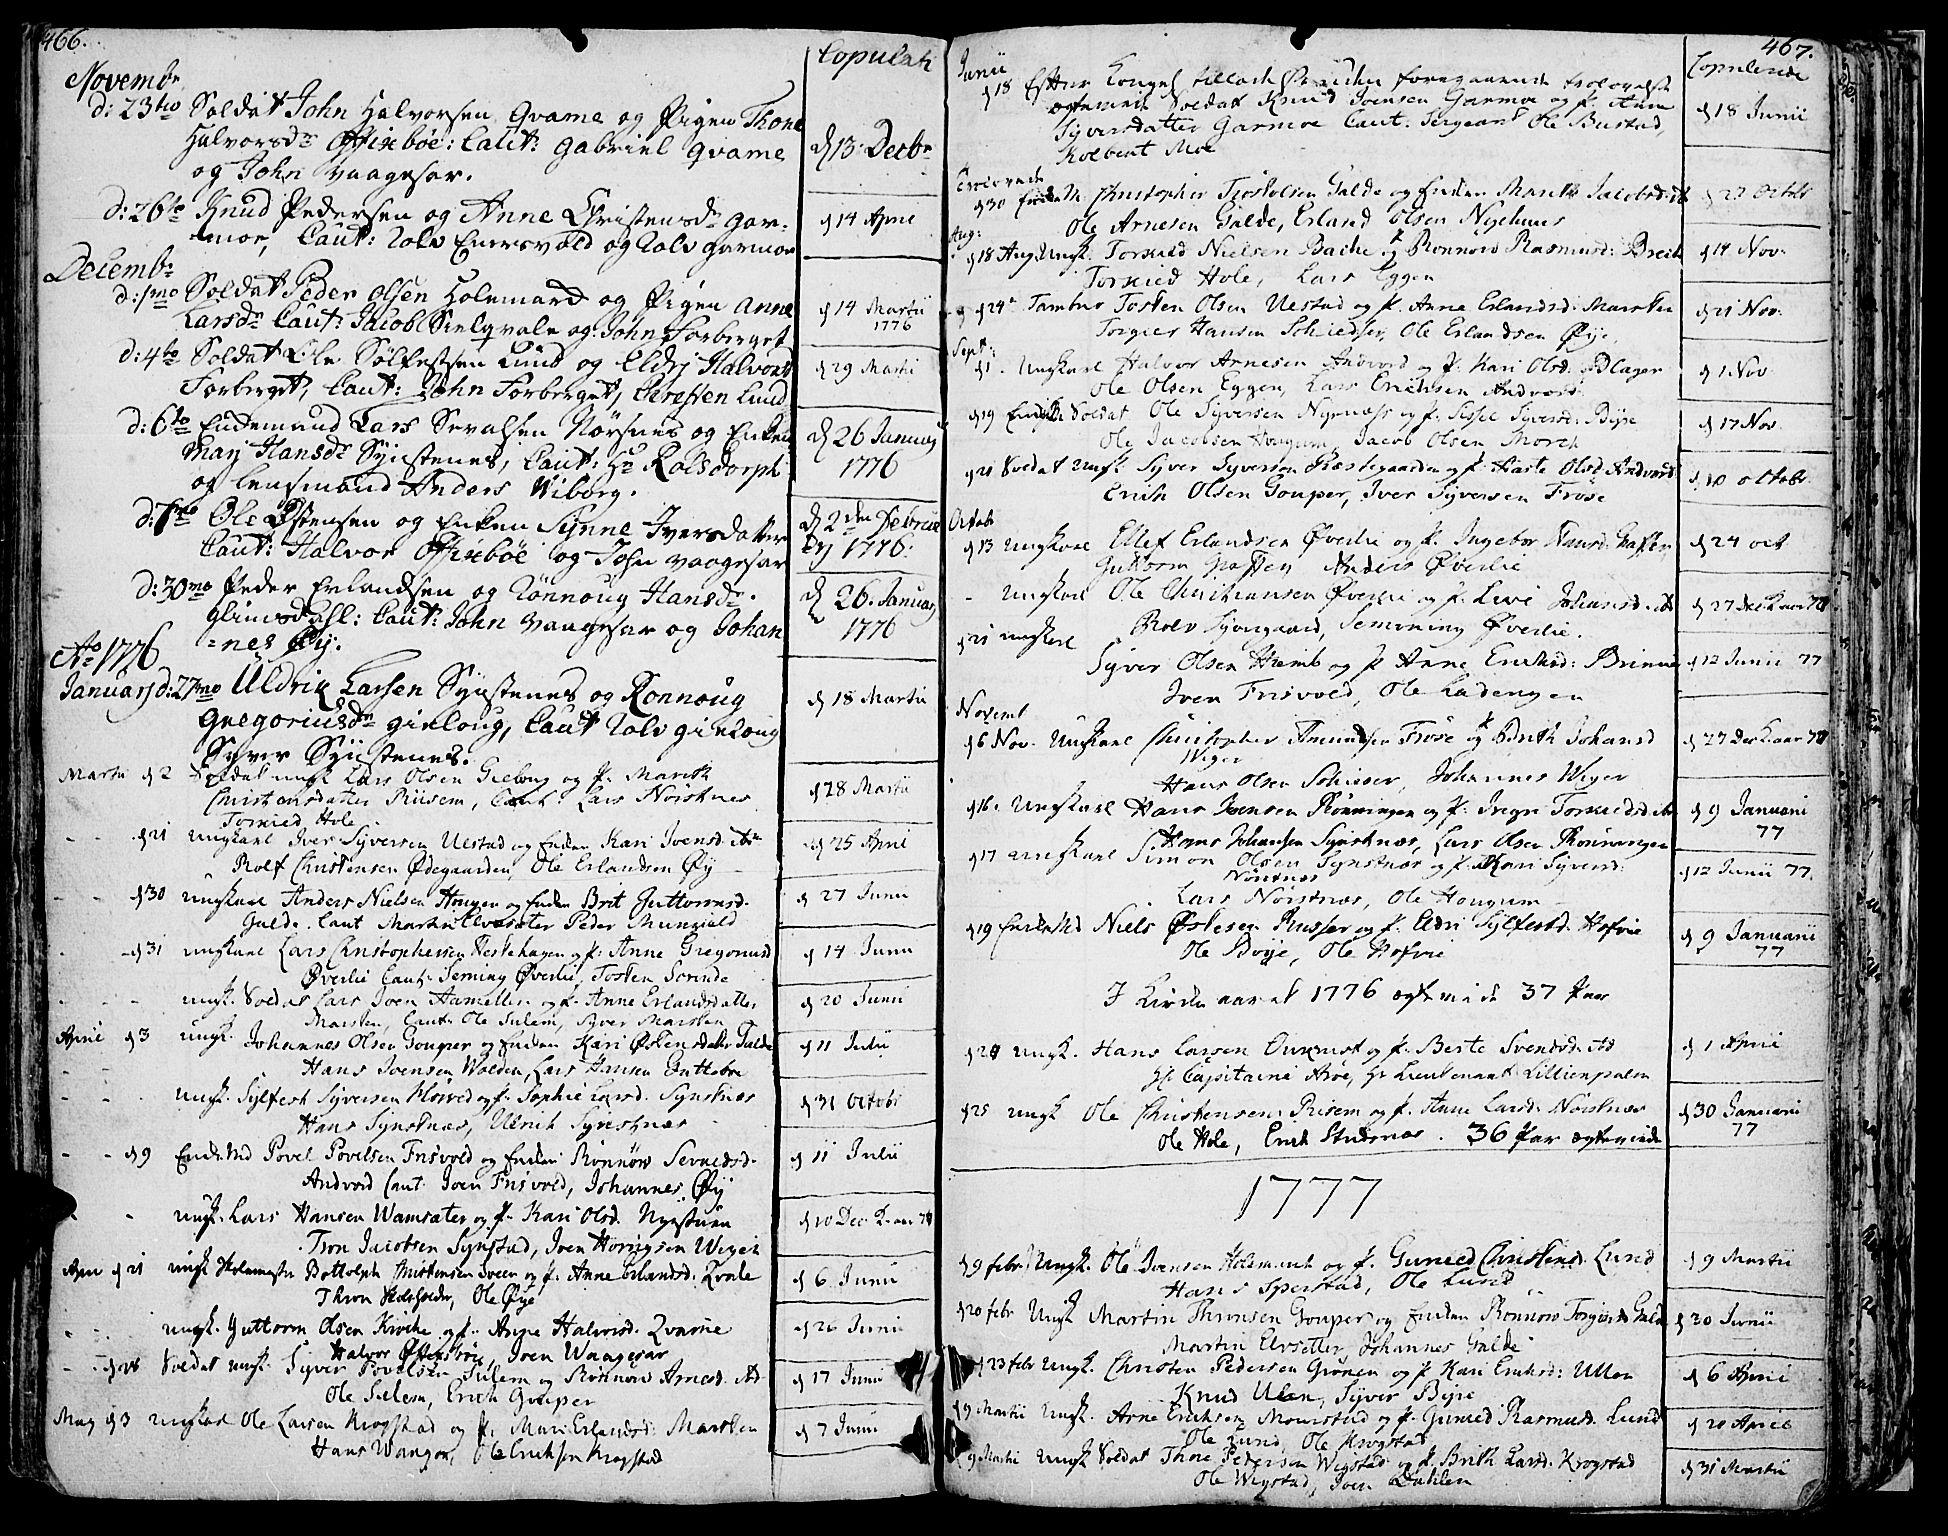 SAH, Lom prestekontor, K/L0002: Ministerialbok nr. 2, 1749-1801, s. 466-467